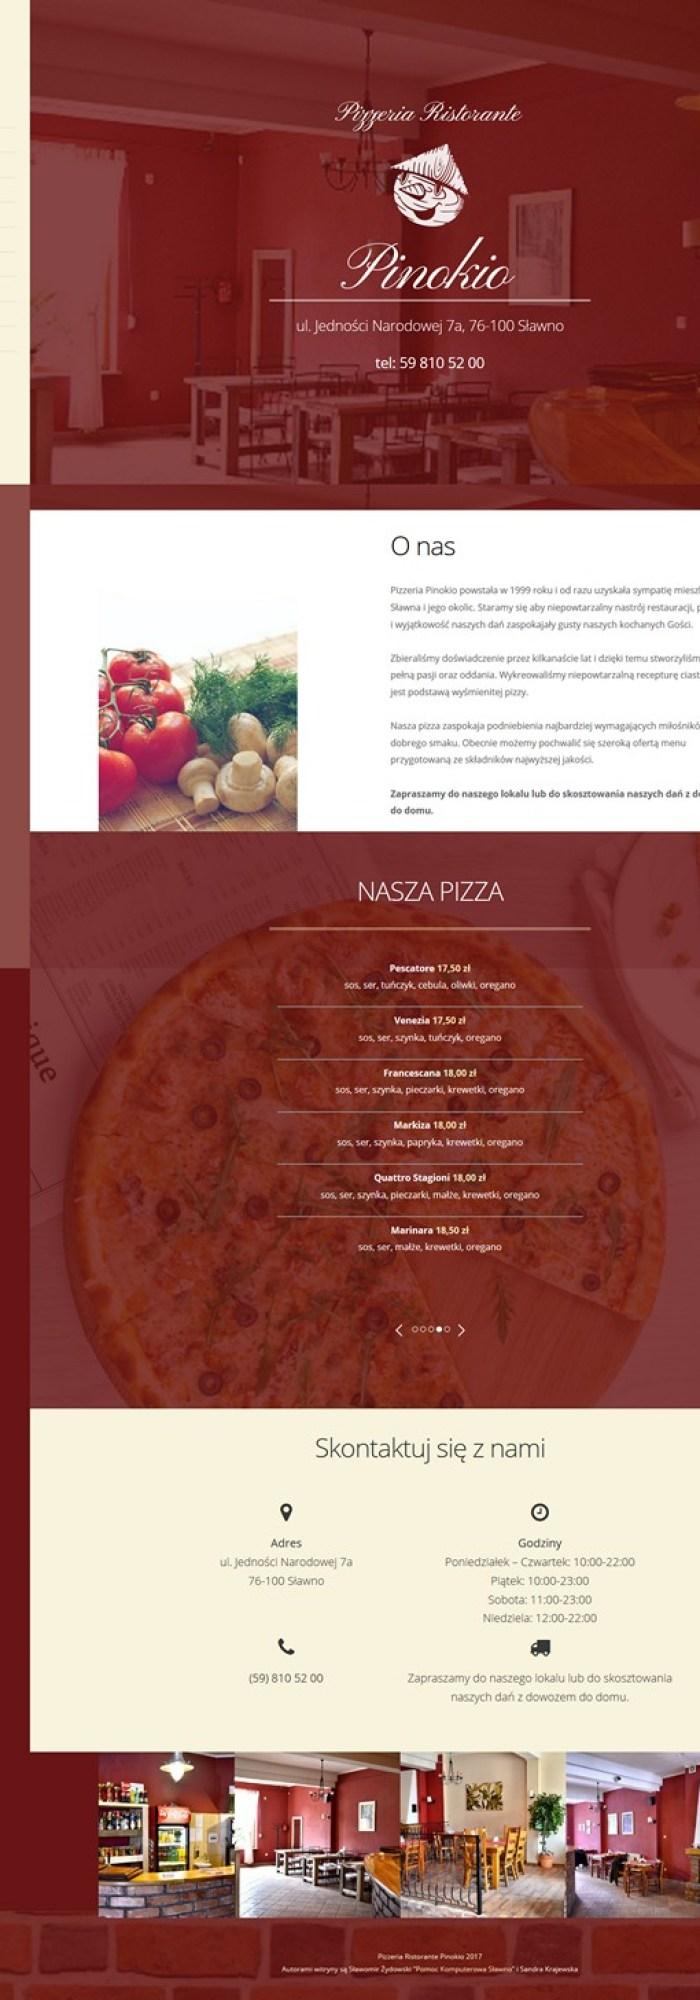 Pizzeria Ristorante Pinokio